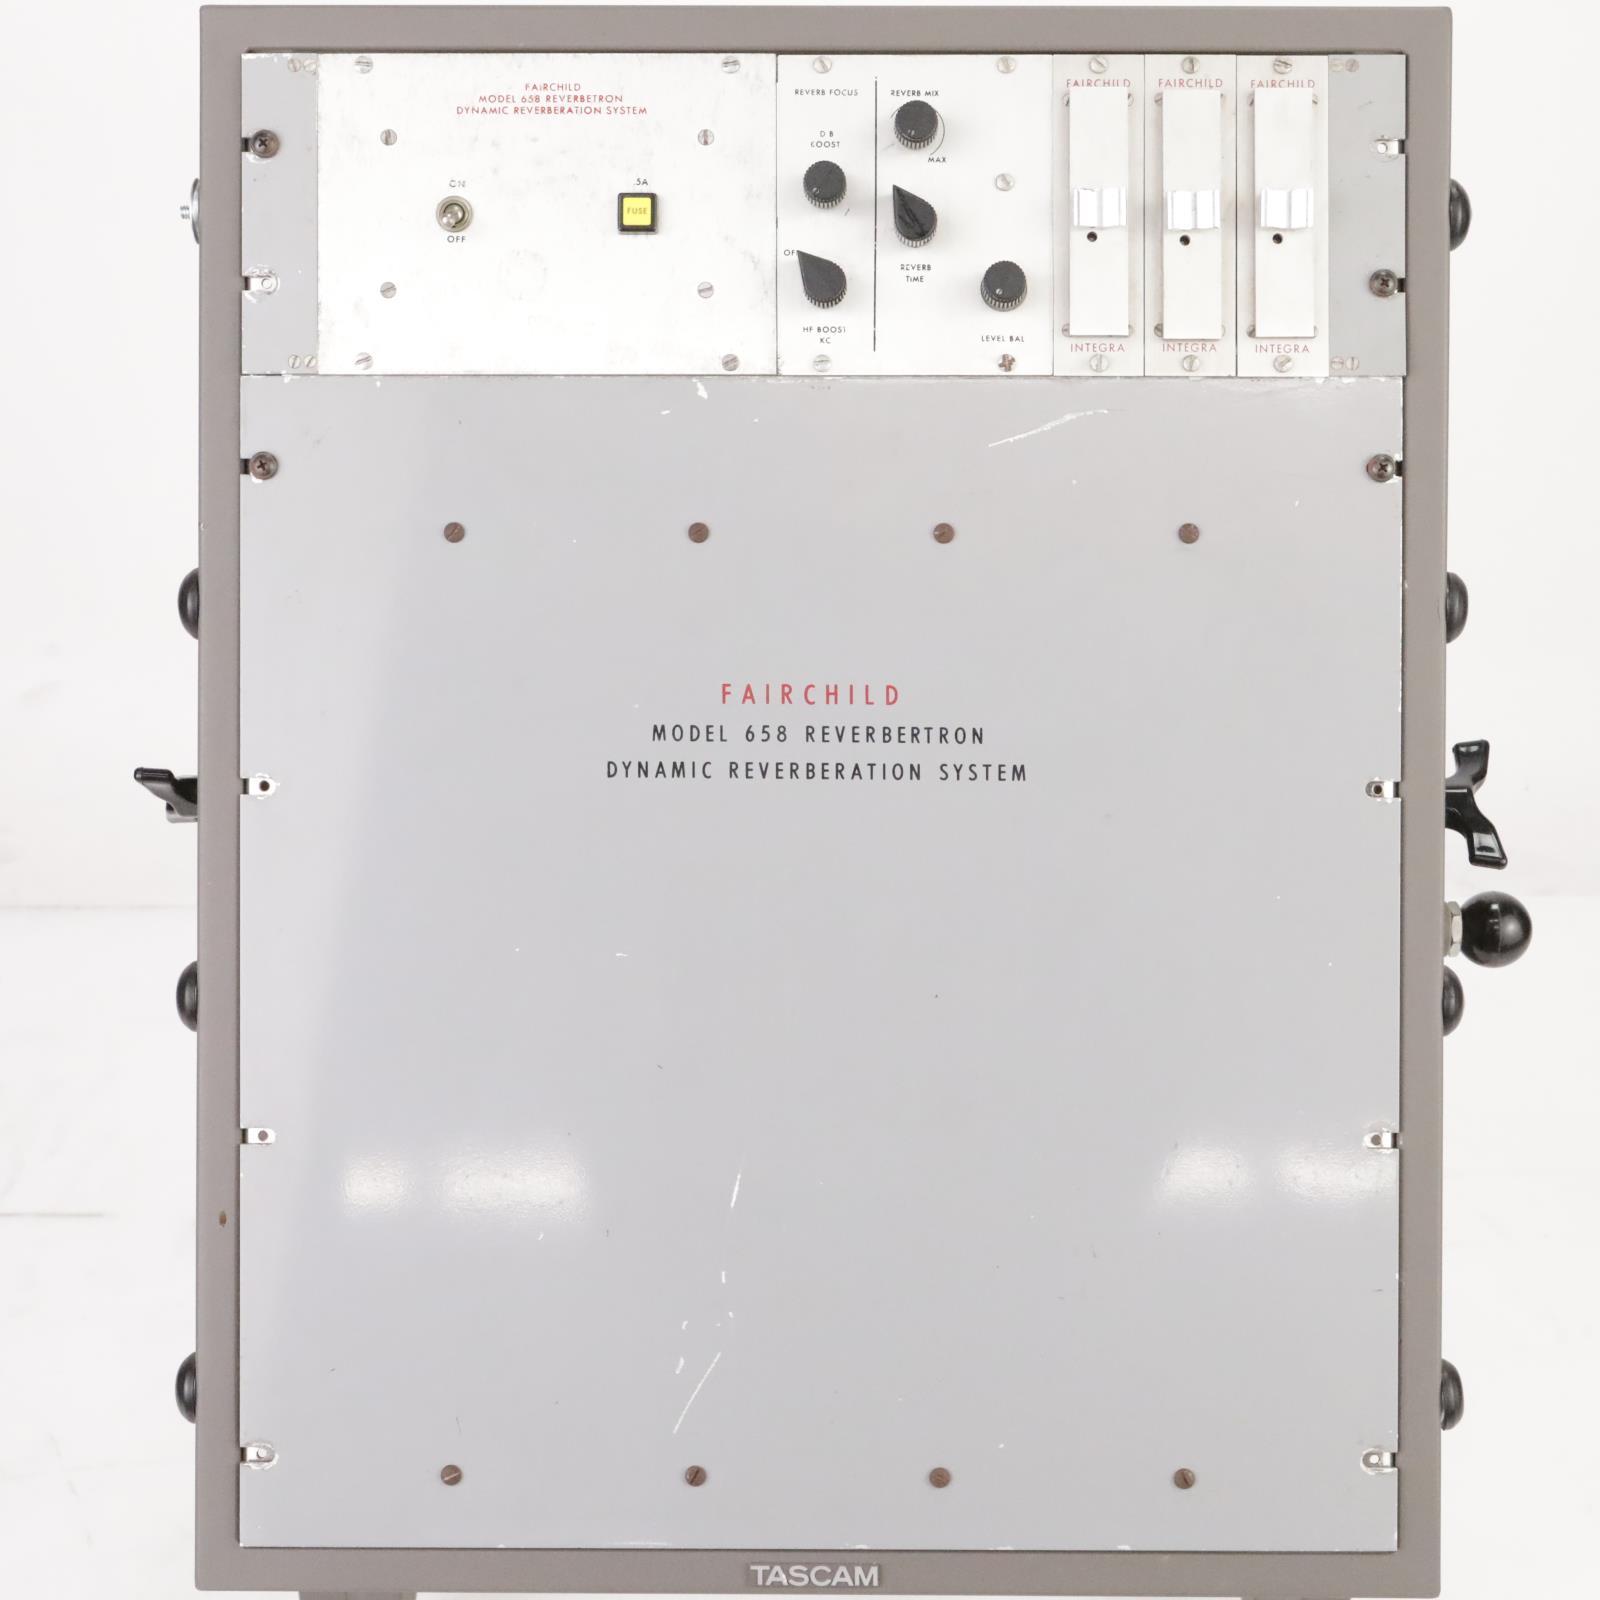 Fairchild Model 658 Reverbertron Dynamic Spring Reverb System #38910